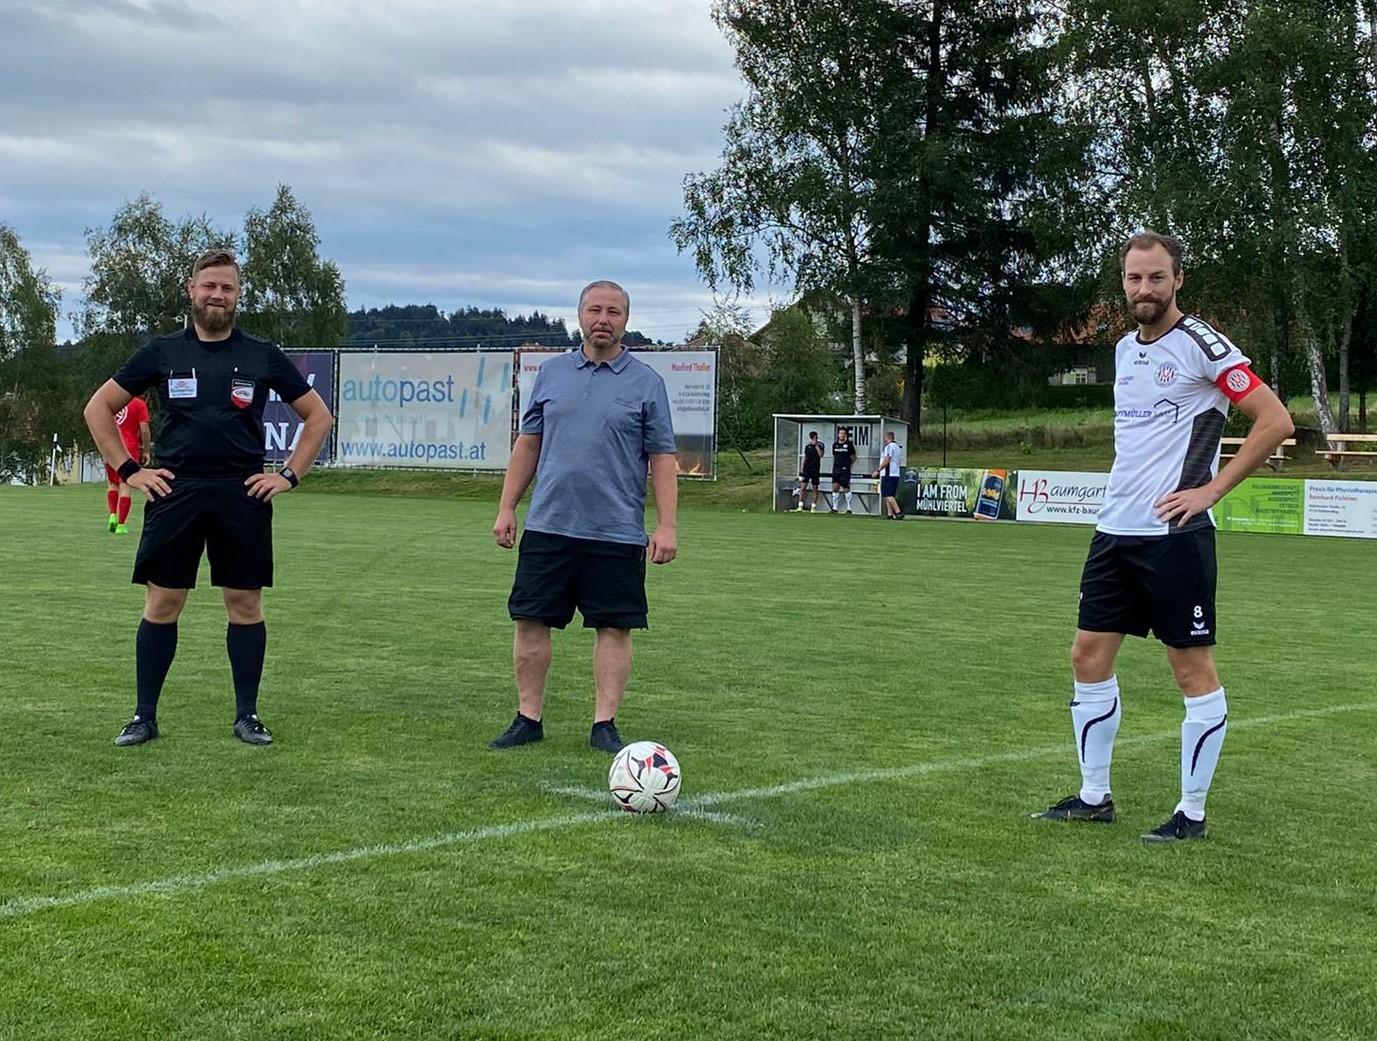 Matchsponsor und Premium-Partner Manfred Thaller (Fa. Ofen & Holz) beim Ehrenanstoß mit unserem Kapitän Franz Lanzerstofer